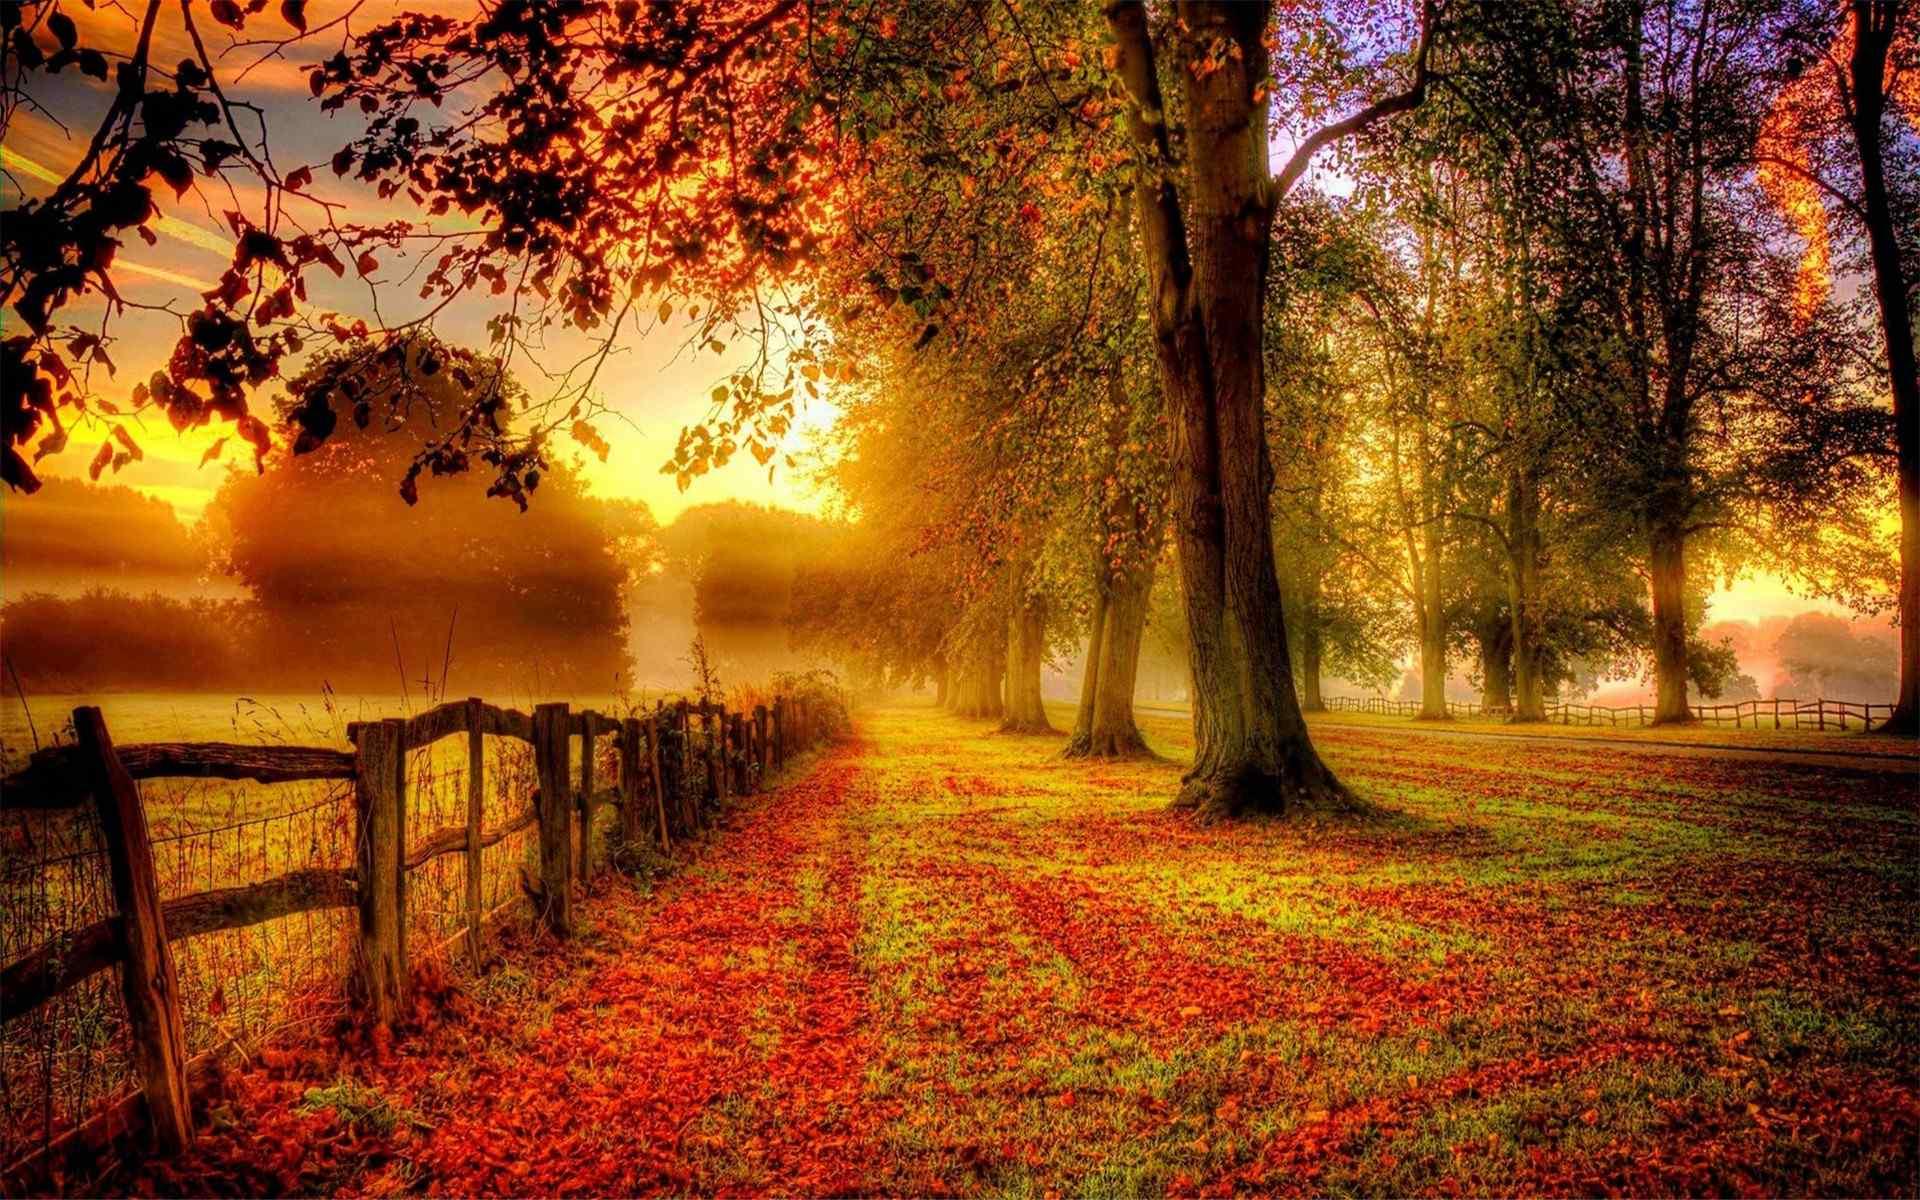 自然风景乡间四季唯美摄影高清电脑壁纸图片大全